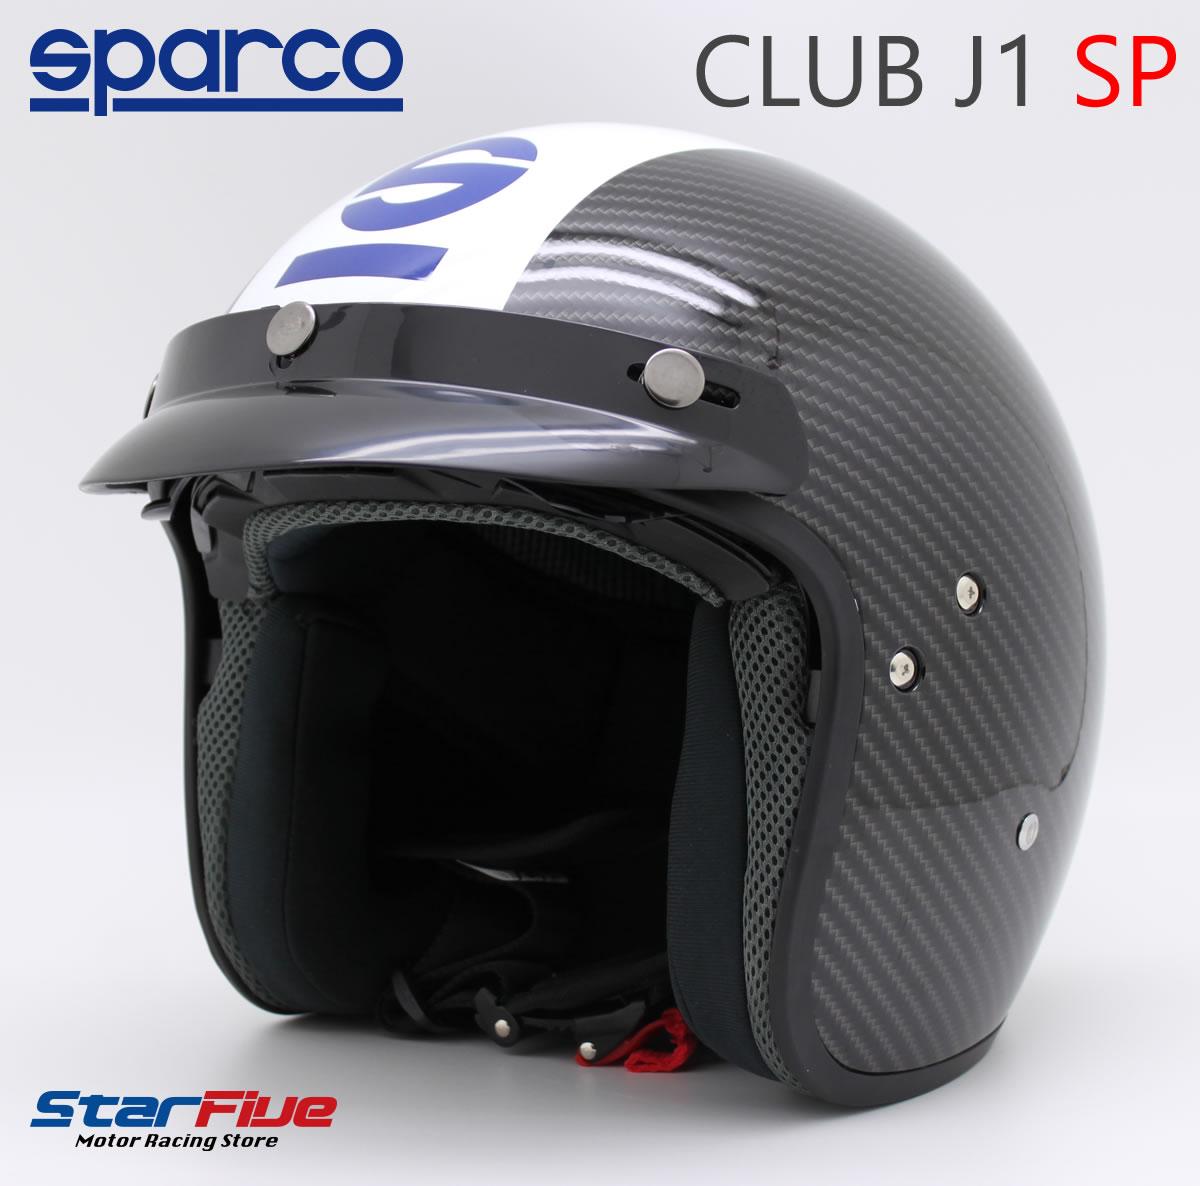 Sparco/スパルコ ジェットヘルメット CLUB J-1 SPモデル 限定生産モデル